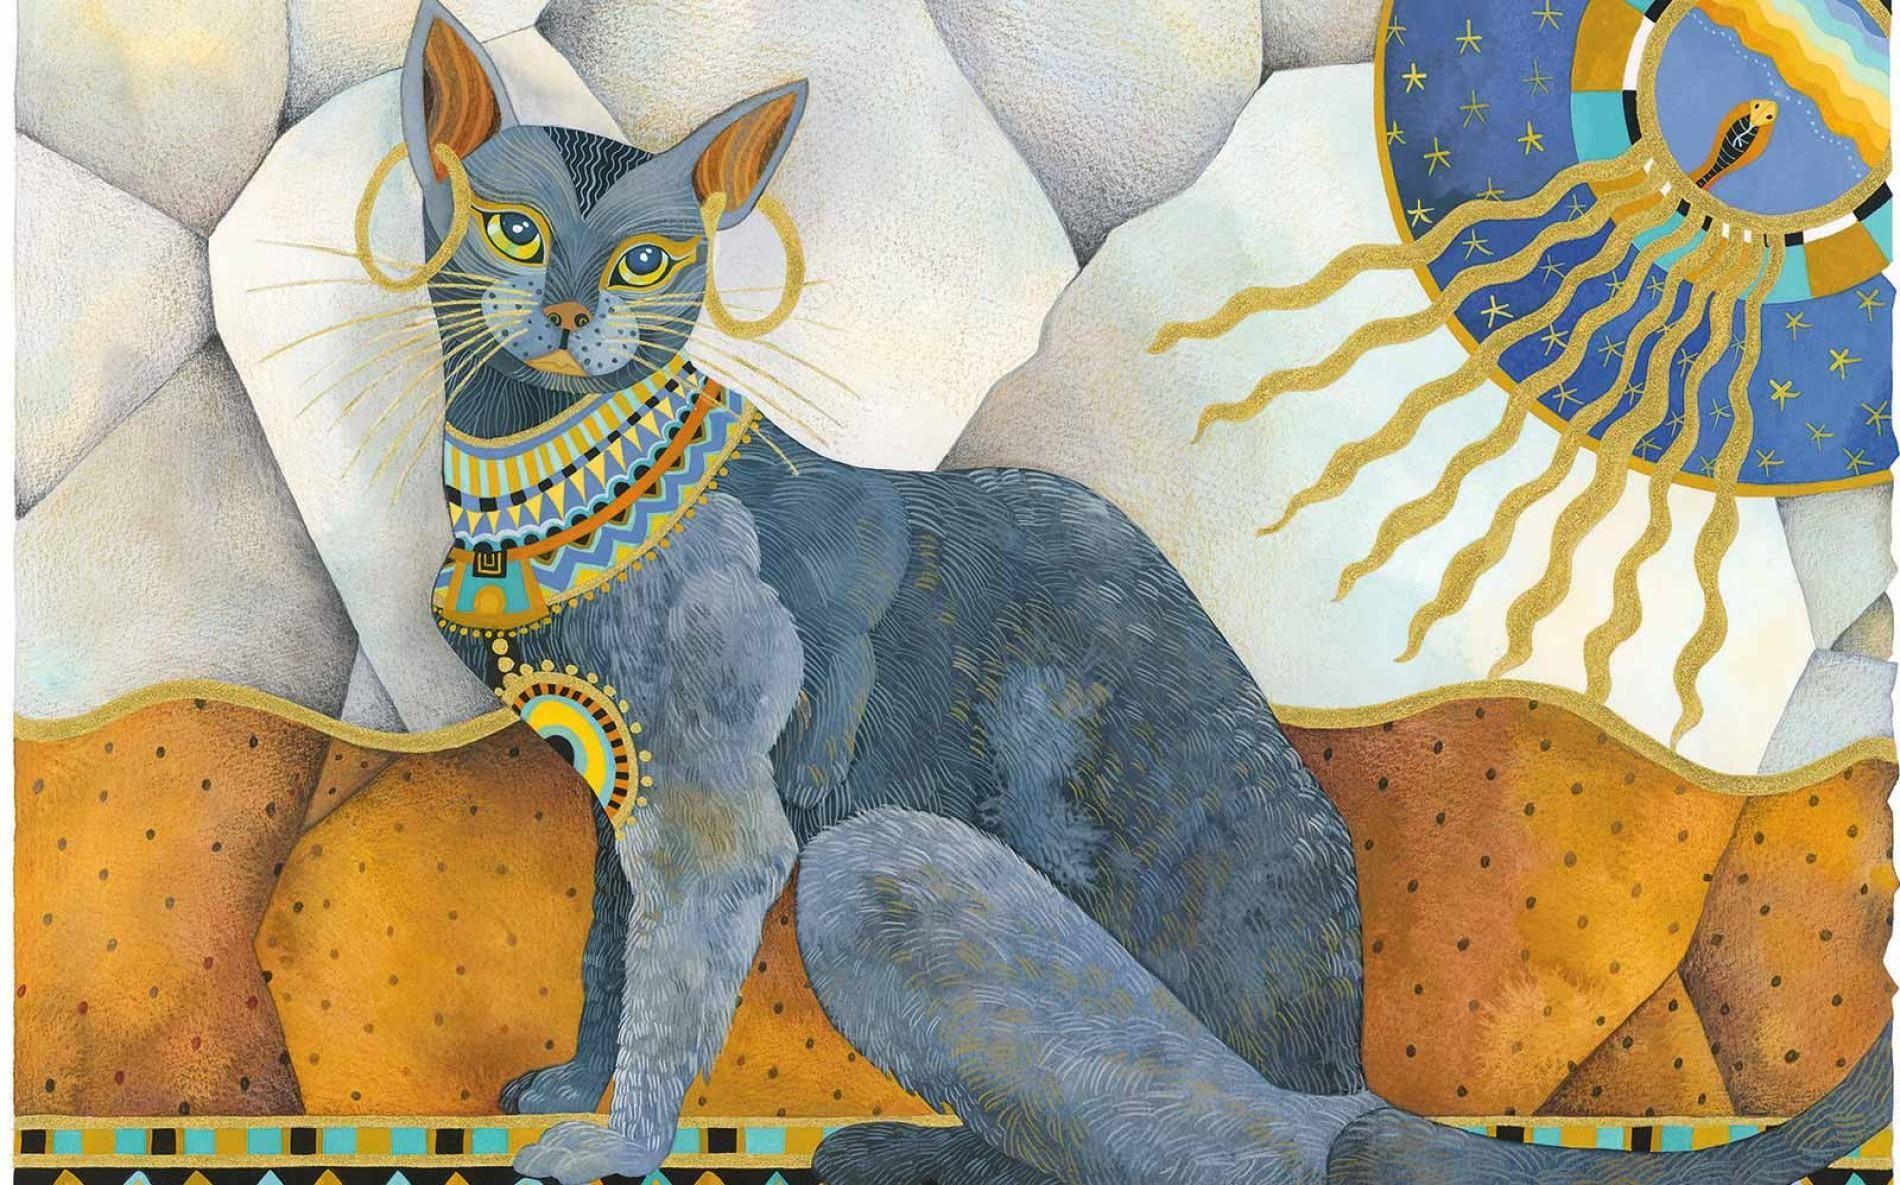 Мифы и легенды народов мира — список магические животных (8 фото) — нло мир интернет — журнал об нло